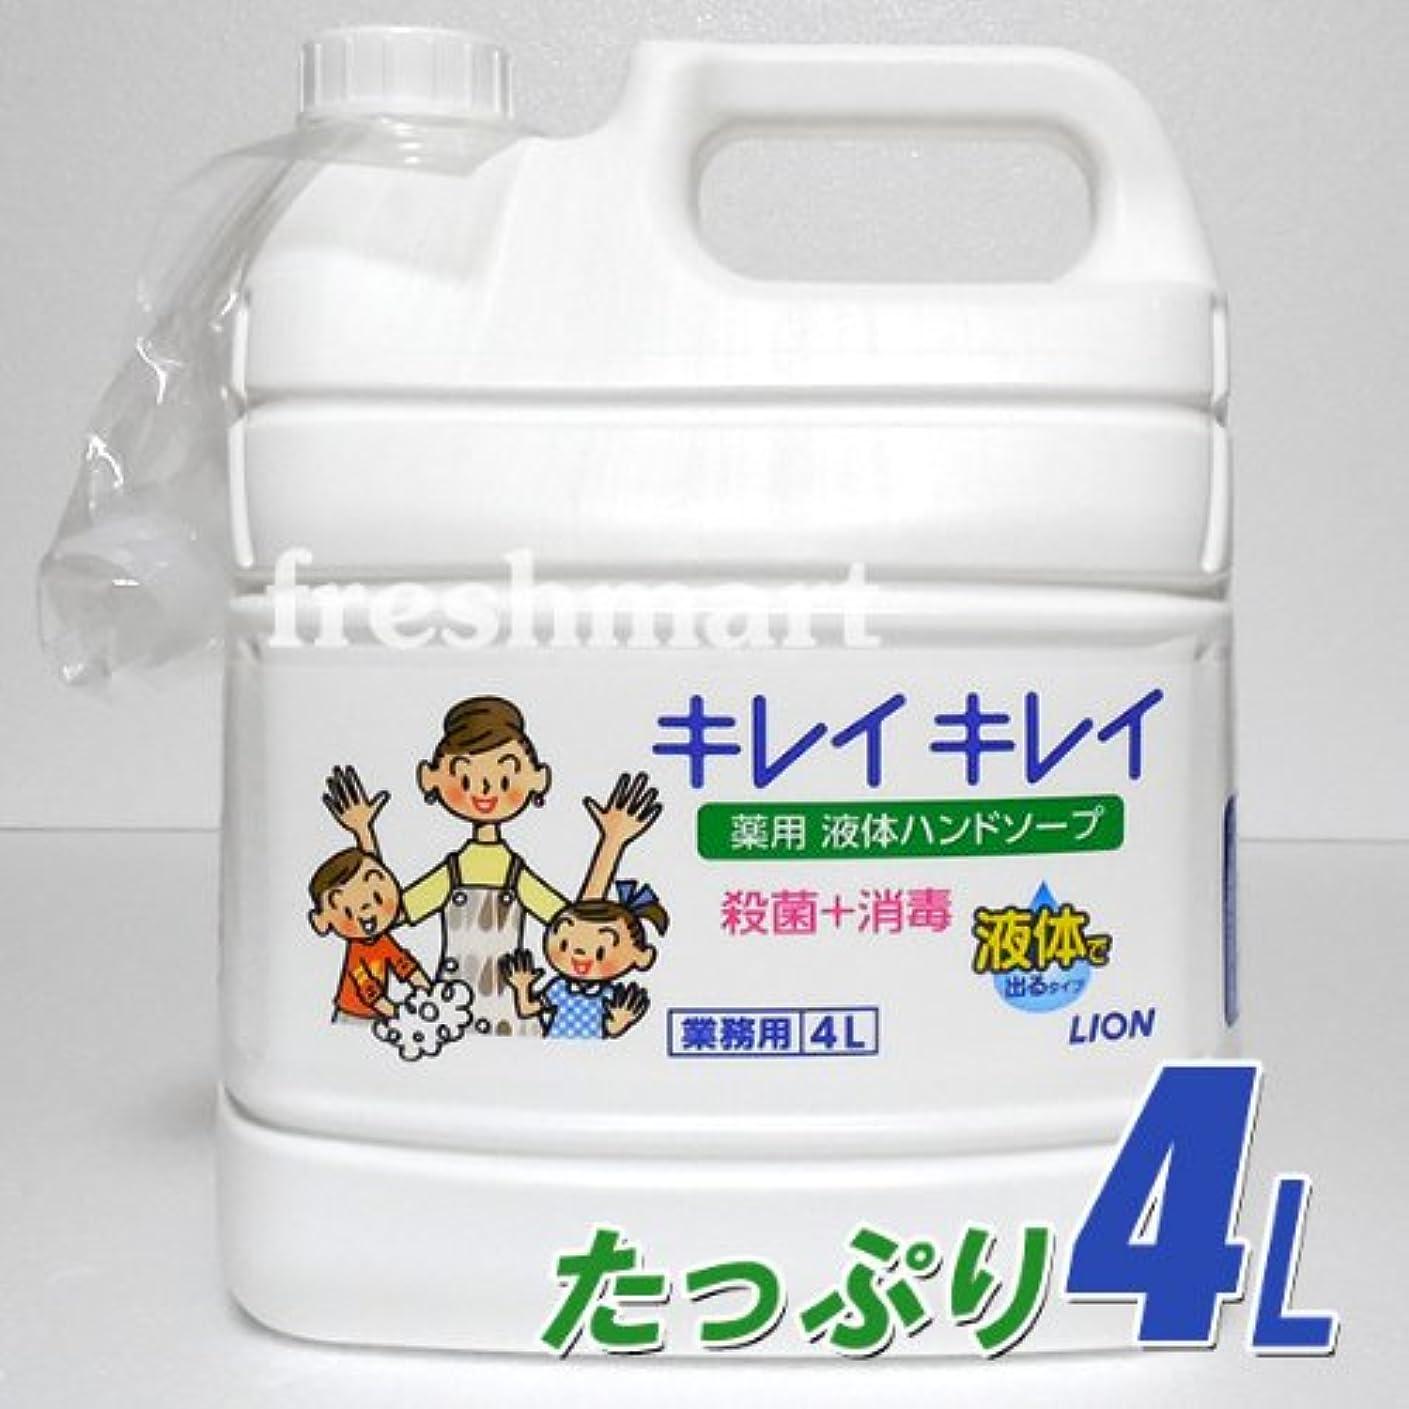 リアル呪われた繰り返した☆100%植物性洗浄成分使用☆ ライオン キレイキレイ 薬用液体ハンドソープ つめかえ用4L 業務用 大容量 ボトル